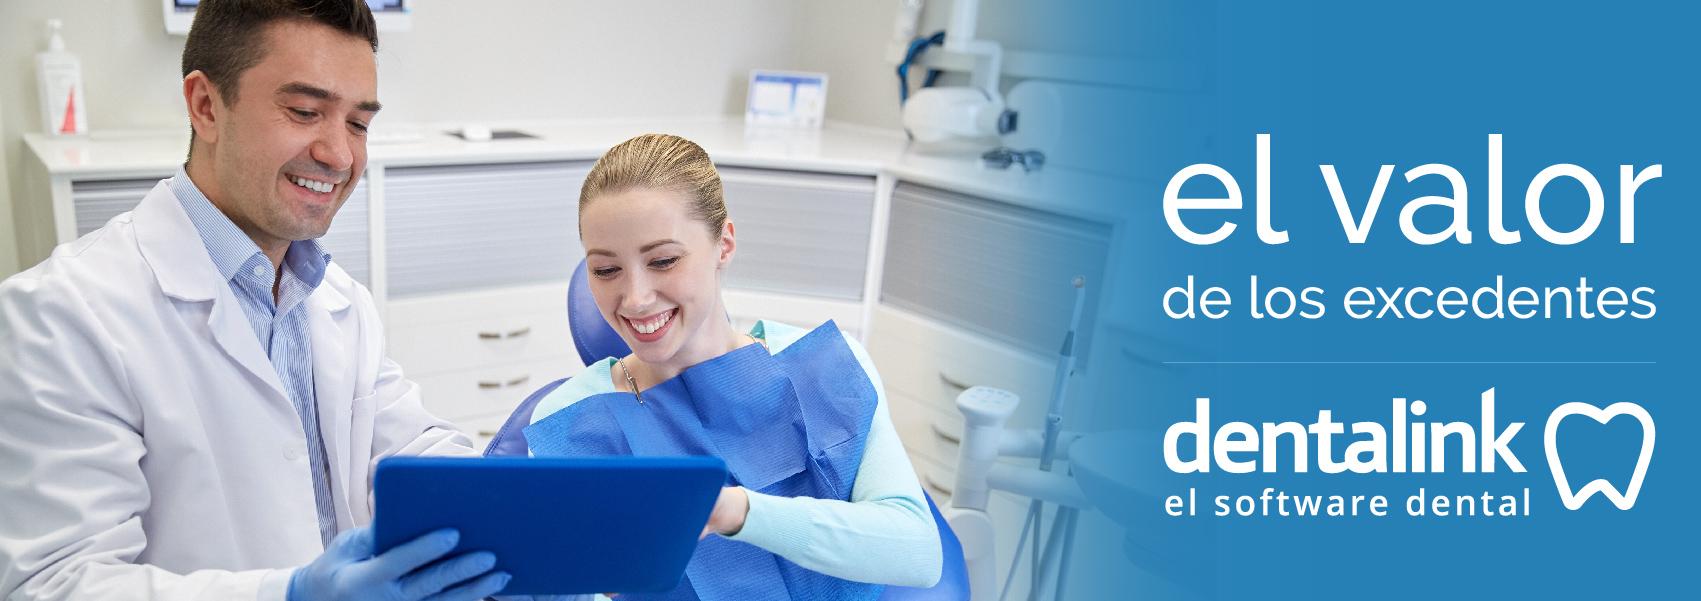 ¿Cómo aprovechar los excedentes de ISAPRE en la Clínica dental?